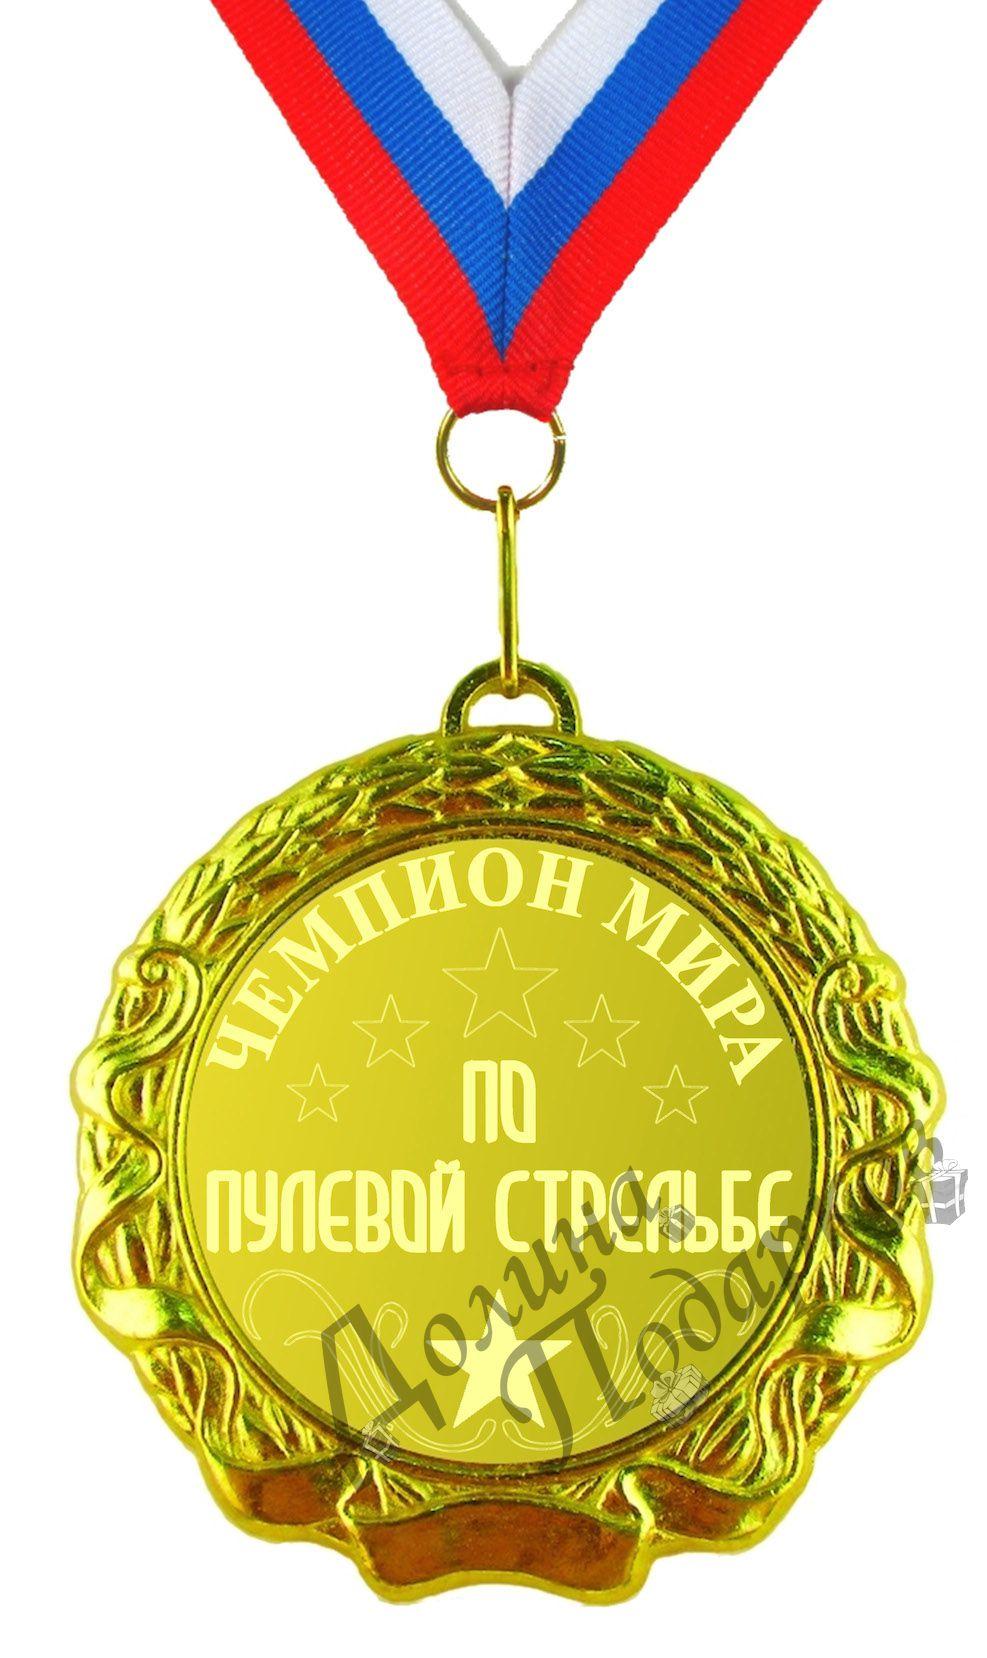 Купить Медаль *Чемпион мира по пулевой стрельбе* в интернет-магазине подарков. Огромный выбор необычных подарков и сувениров широкого ценового диапазона!